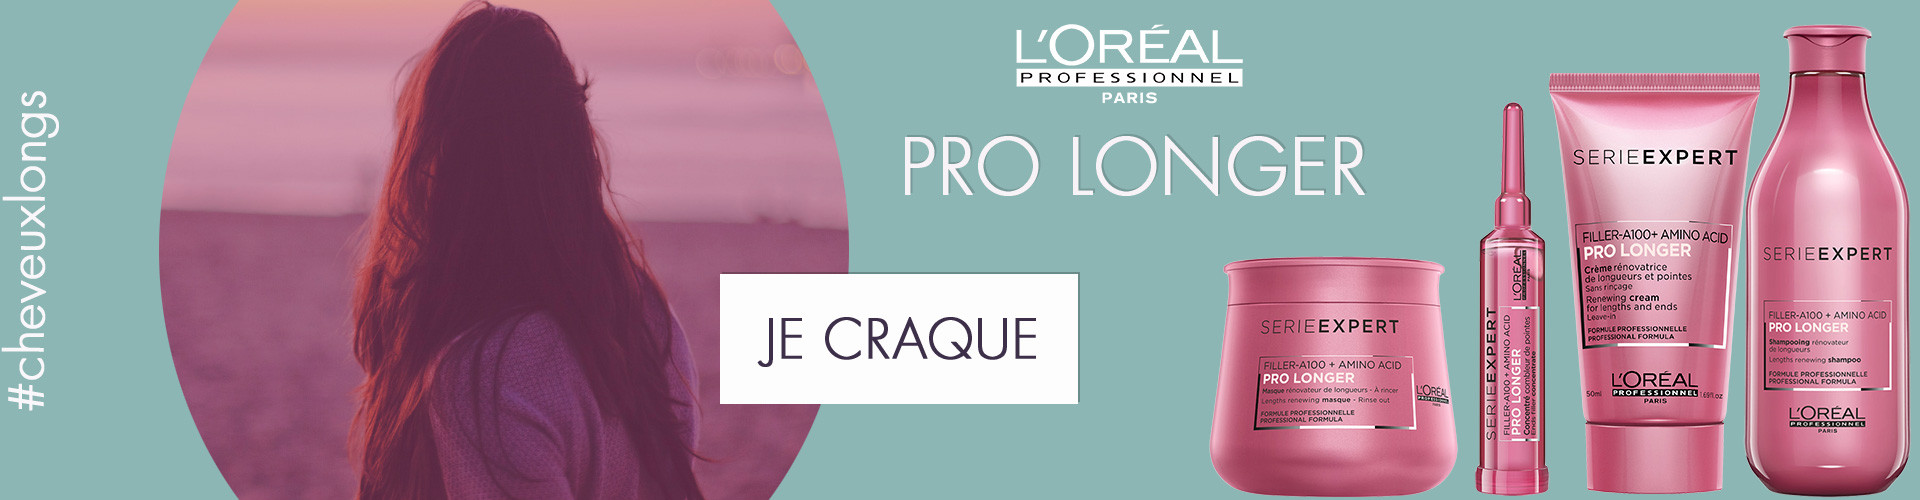 nouvelle gamme pro longer de l'oréal professionnel pour obtenir des cheveux longs et eviter les ciseaux du coiffeur